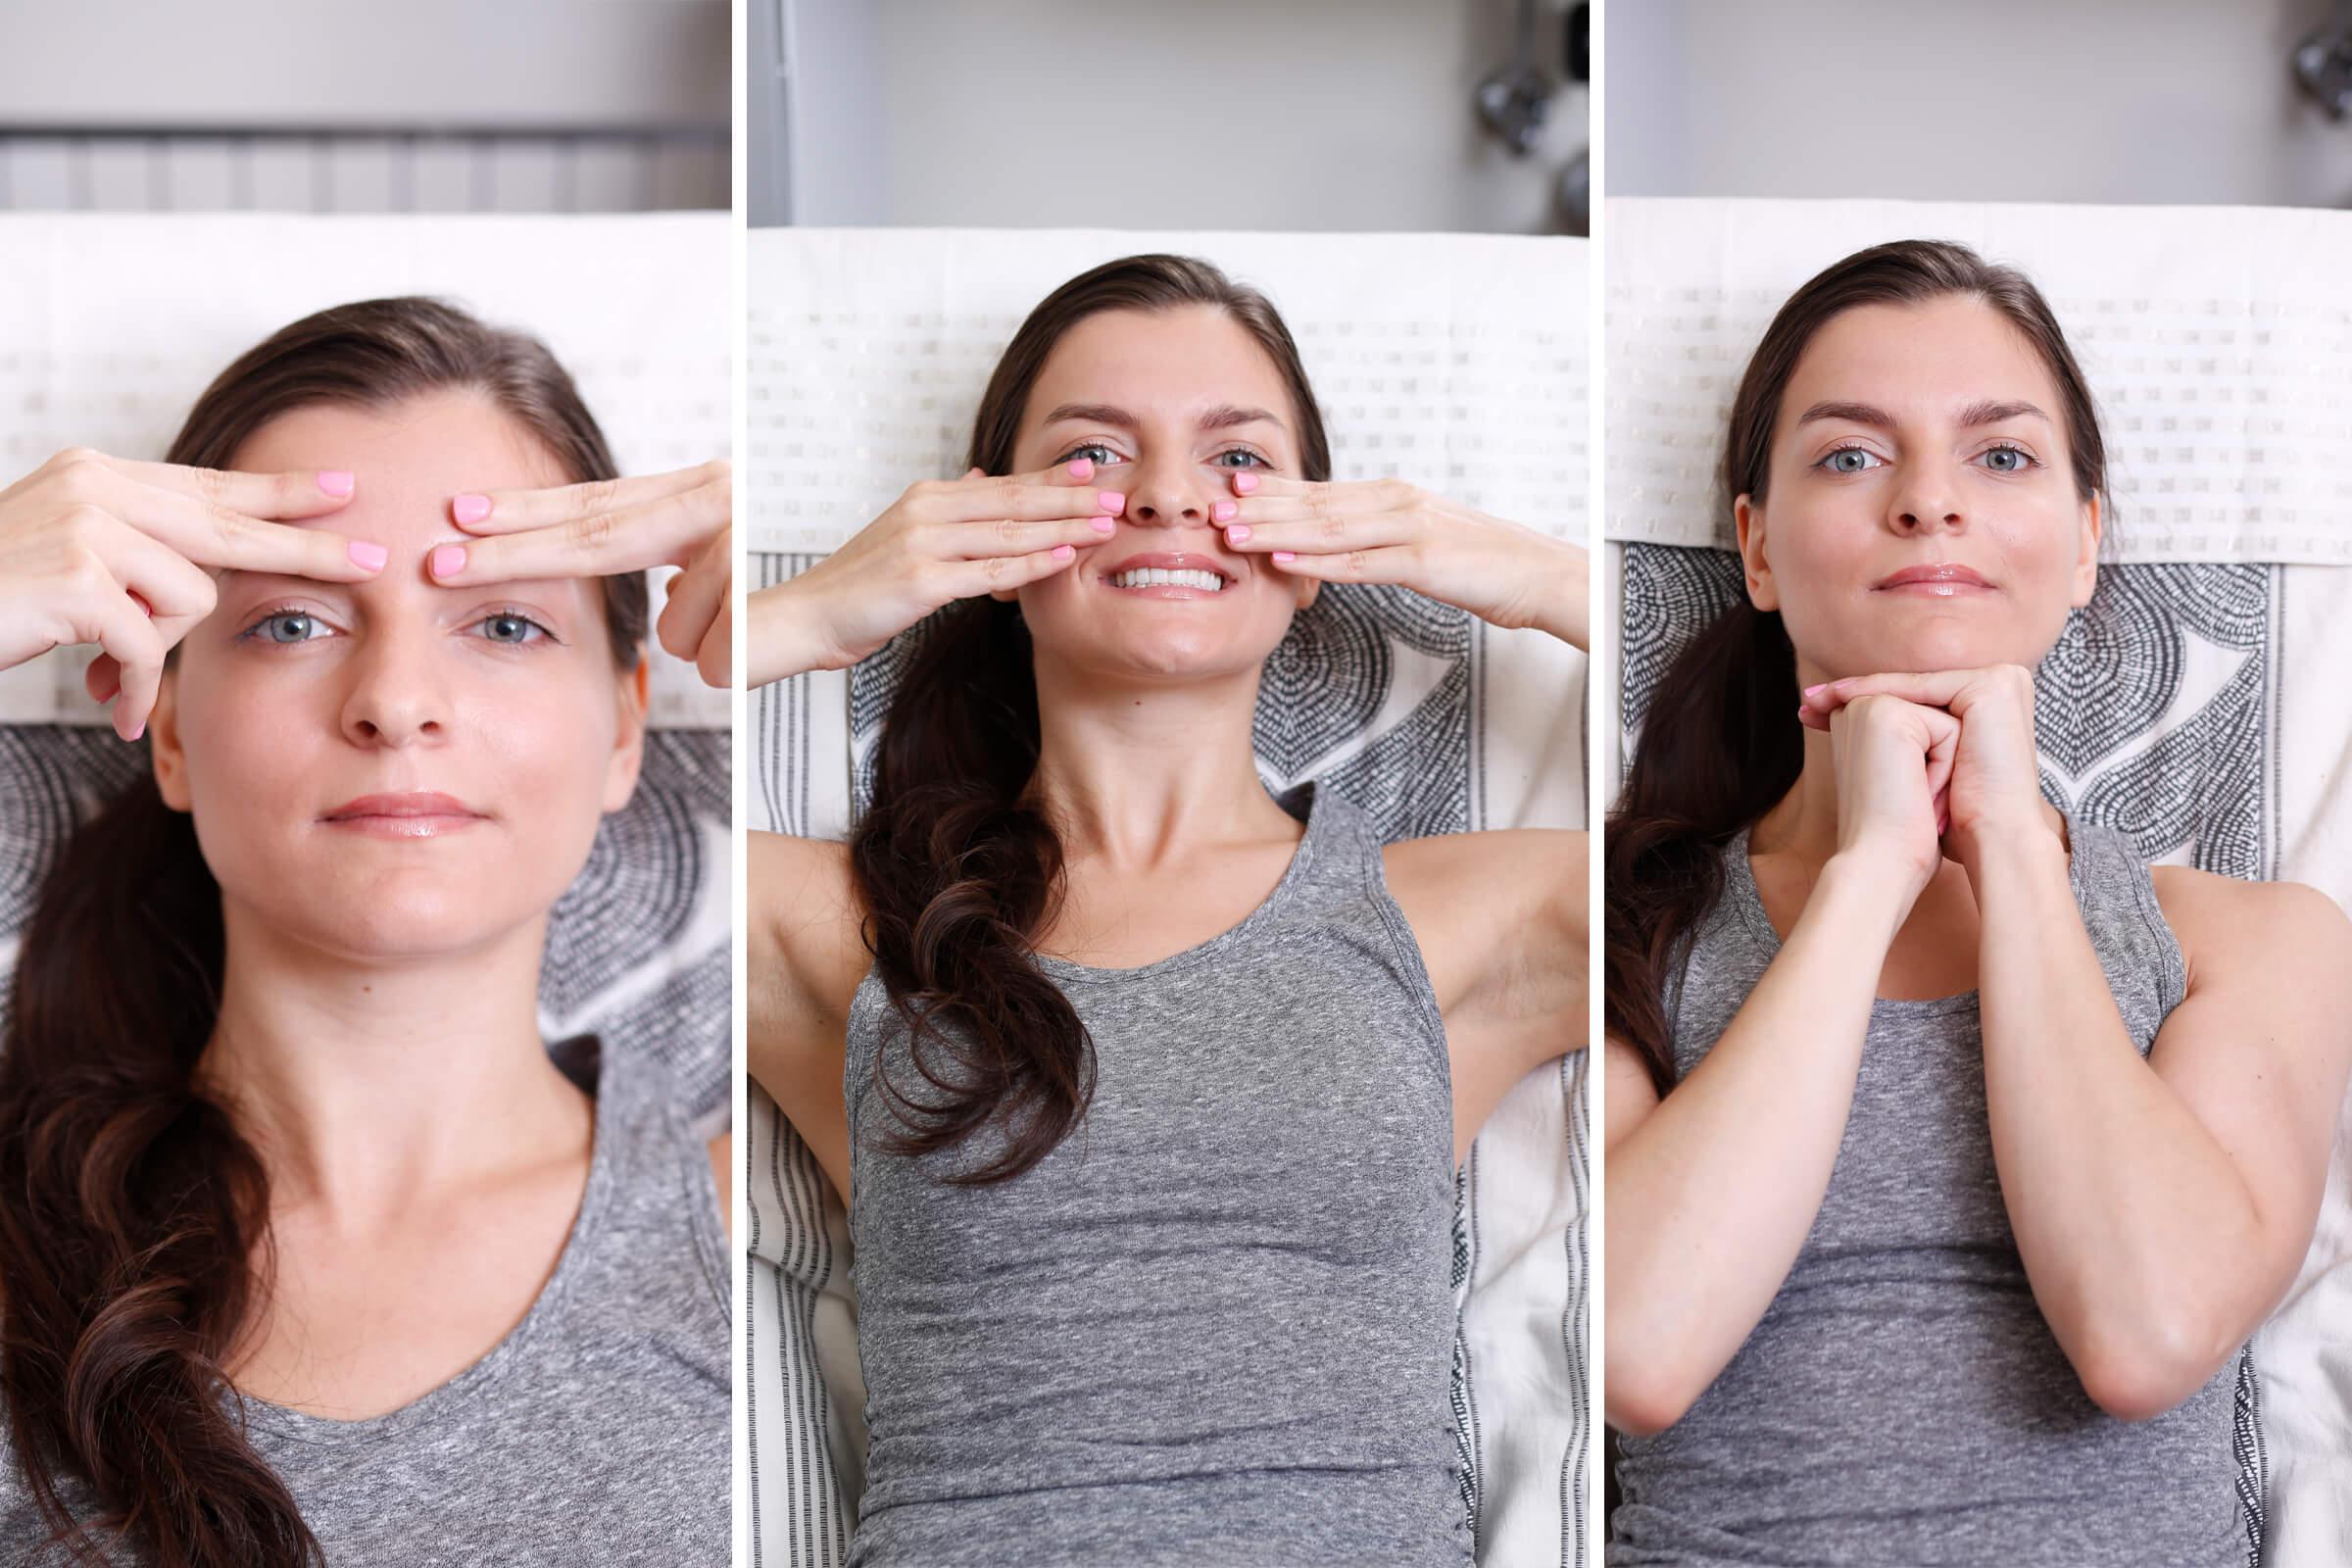 Как Похудеть Щекам За Неделю. Как похудеть в щеках: эффективные методики и средства